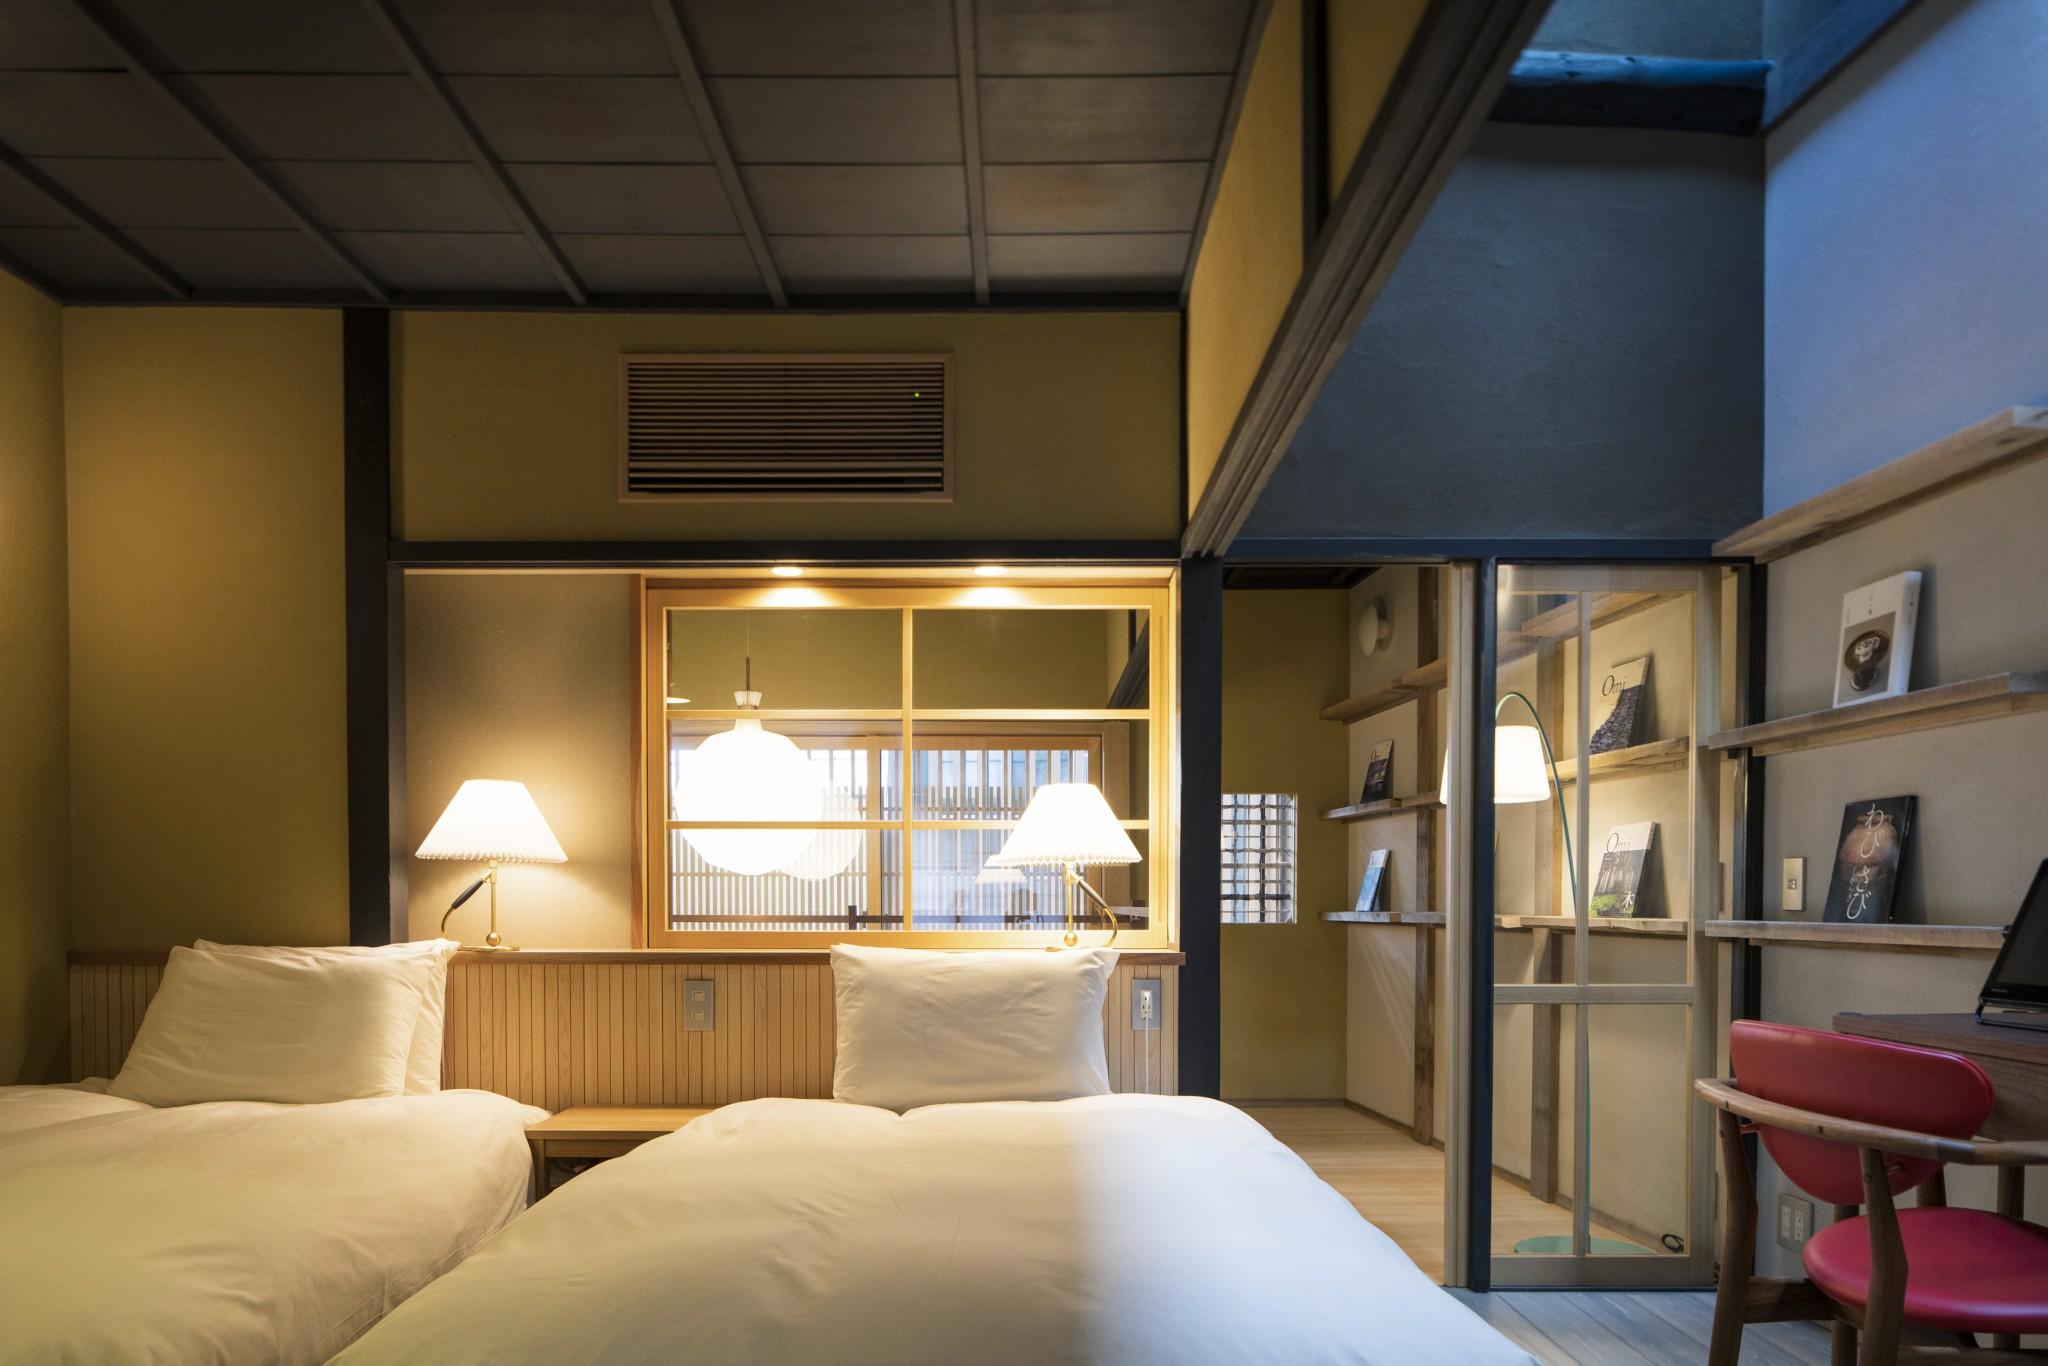 商店街をコンテンツ化したホテルが誕生!滋賀・大津〈商店街ホテル 講 大津百町〉で暮らすように泊まる。